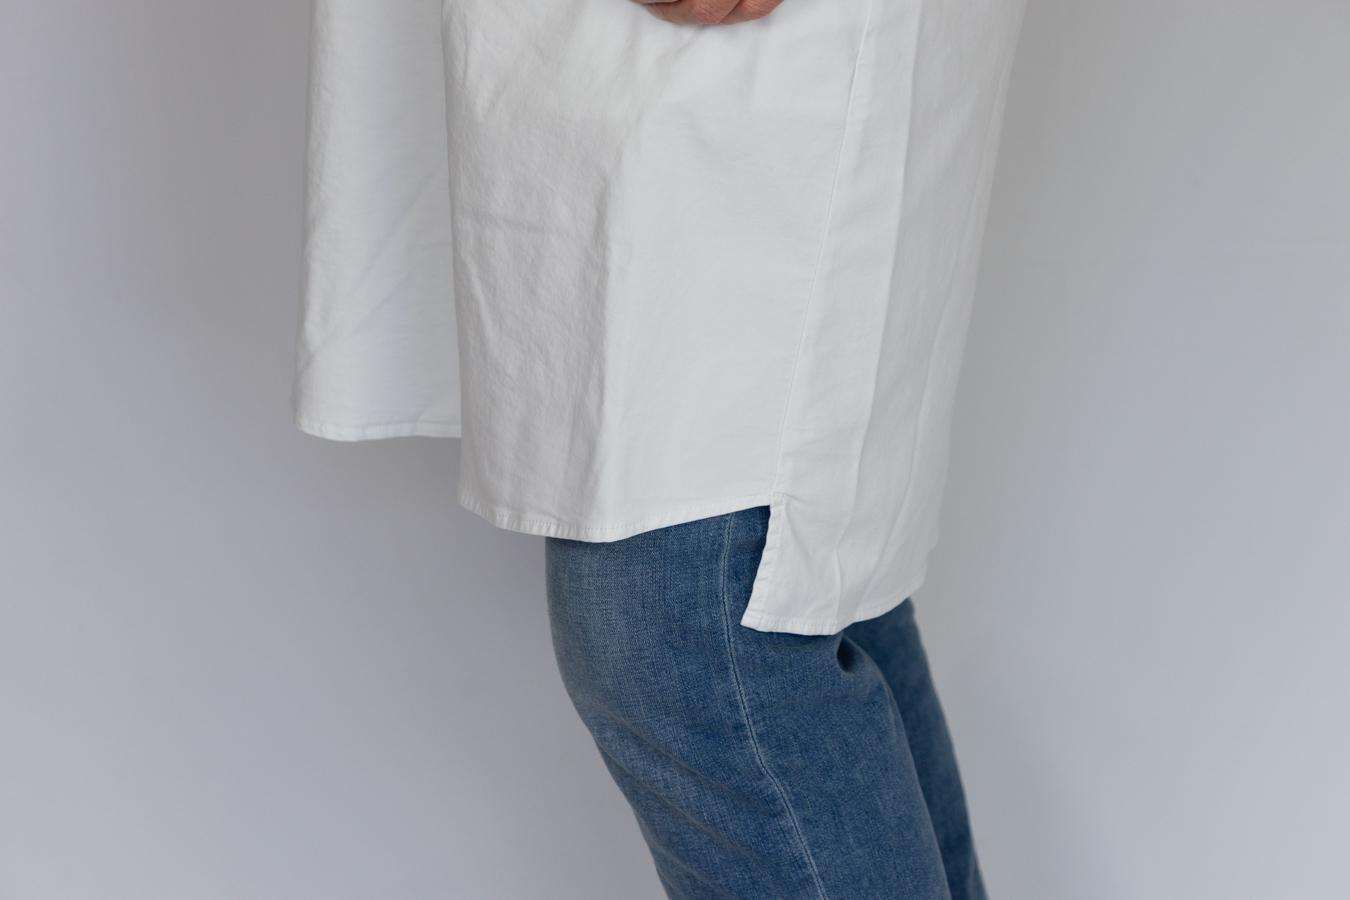 Kleid barely - Penn&Ink N.Y